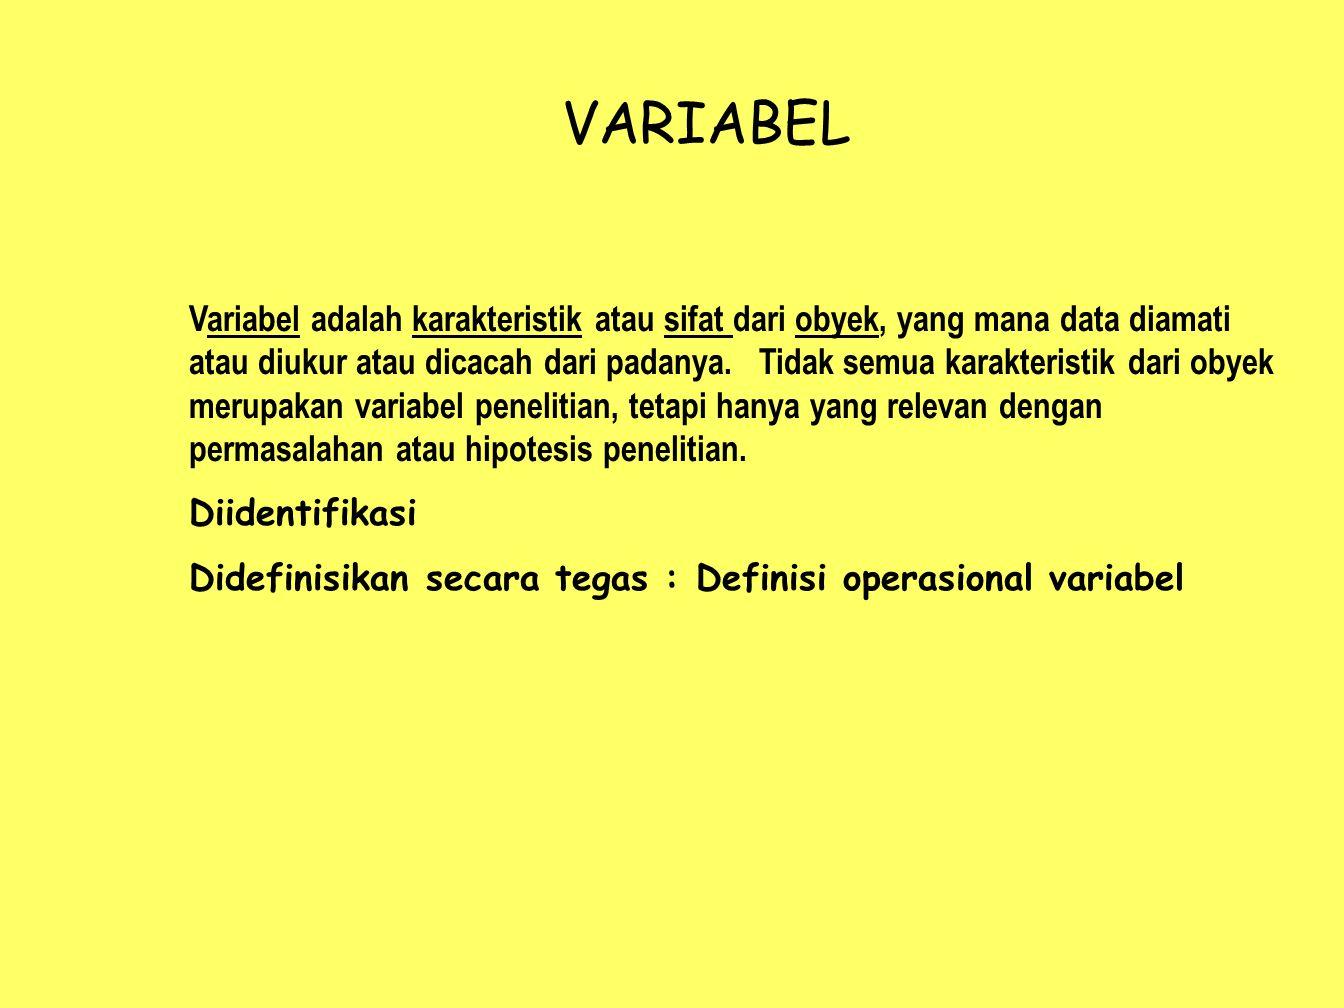 VARIABEL Variabel adalah karakteristik atau sifat dari obyek, yang mana data diamati atau diukur atau dicacah dari padanya. Tidak semua karakteristik